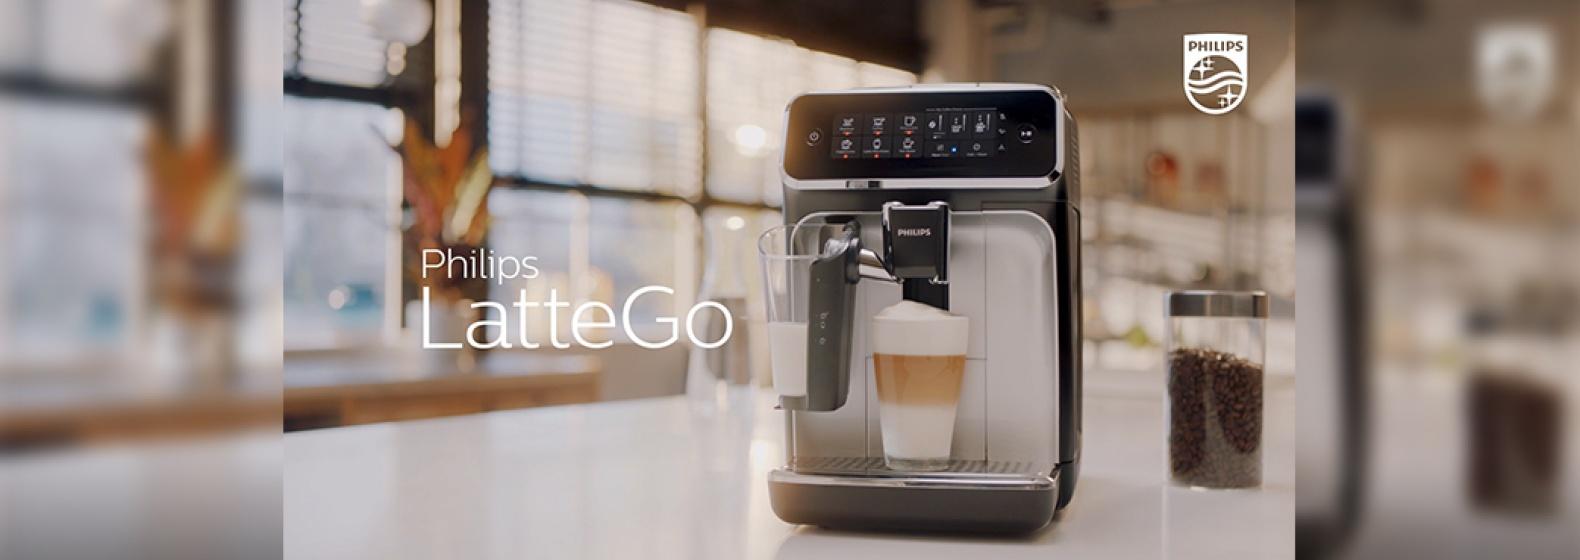 philips-latte-go-v2.jpg